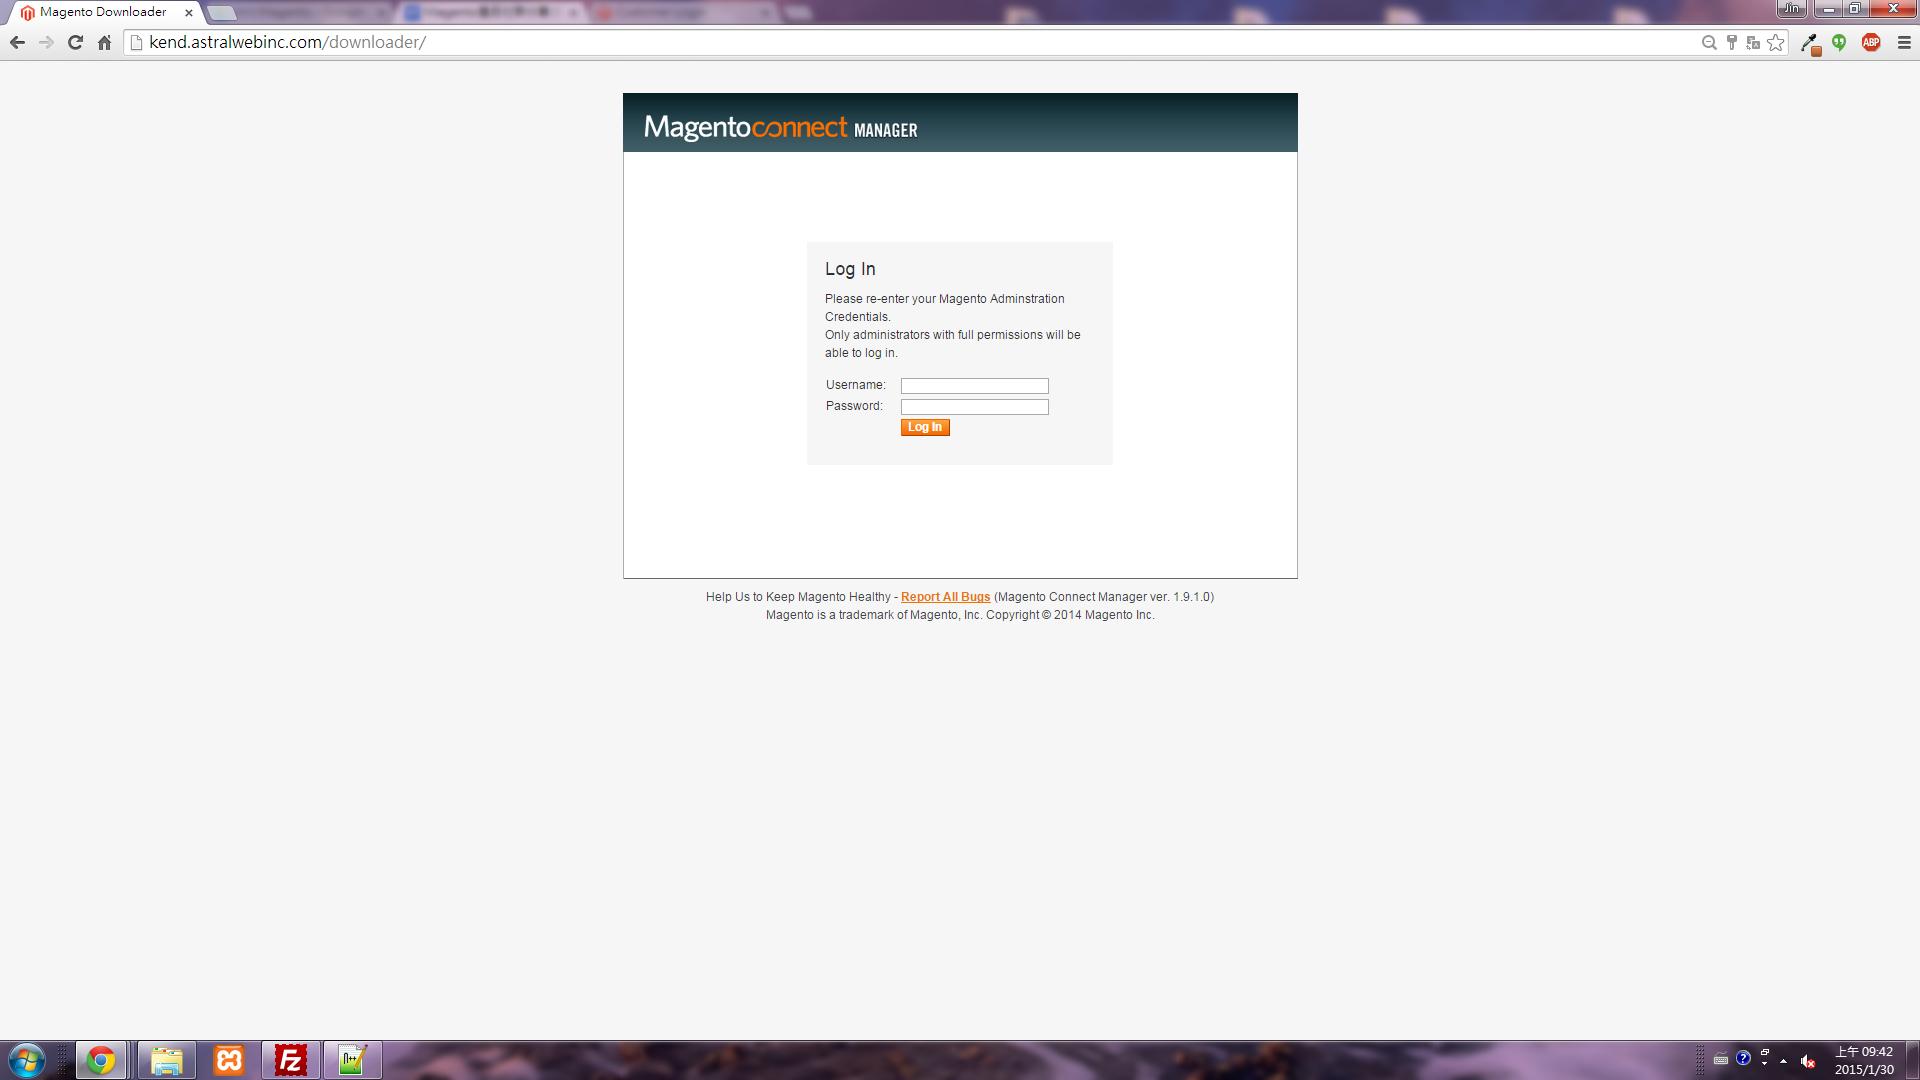 重新登入Magento